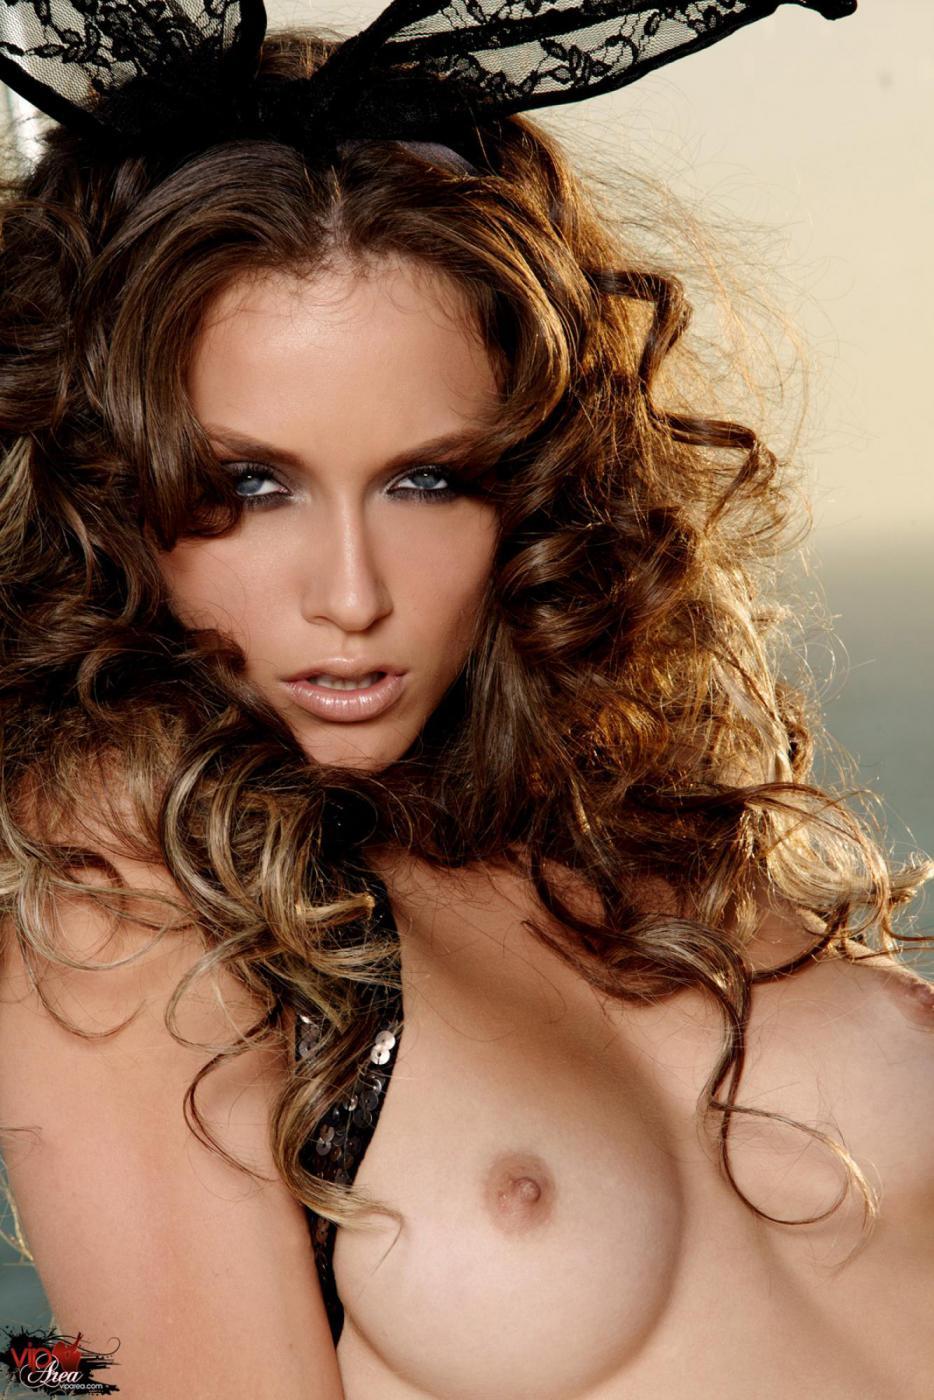 Идеальная тёмненькая с кудрявыми волосами Malena morgan делает селфи, снимая нижнее белье и гетры